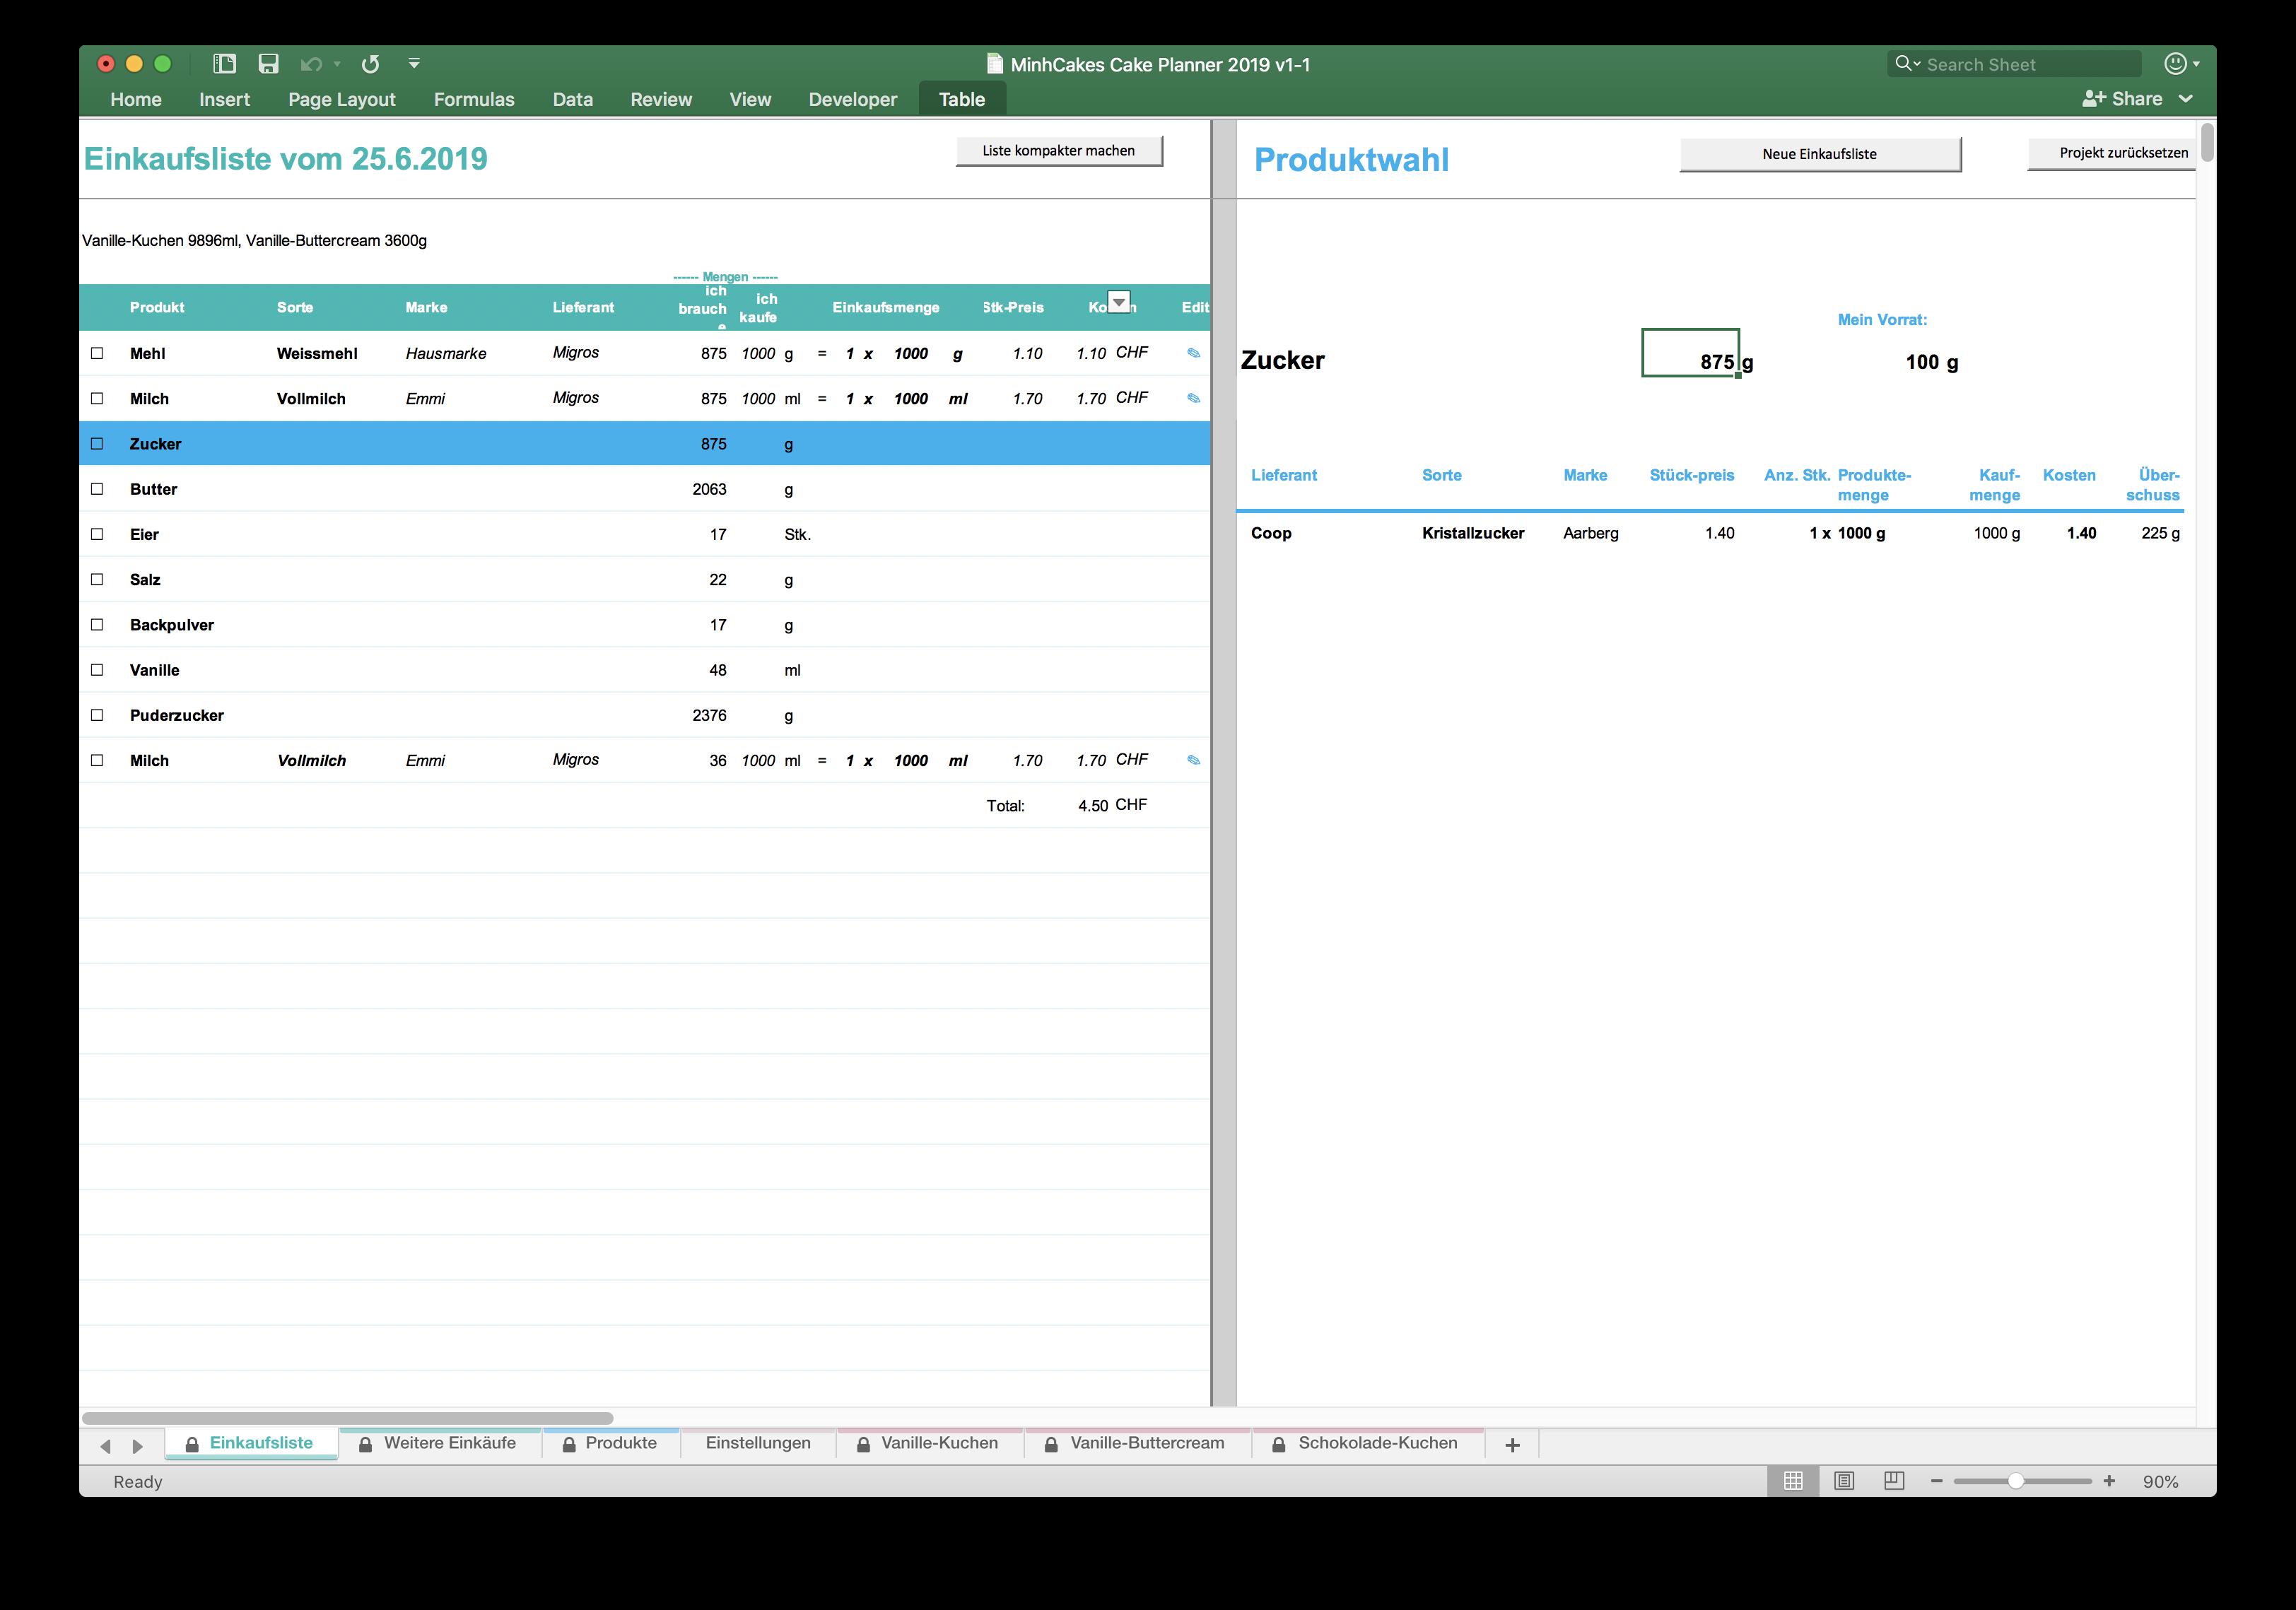 Die Einkaufsliste - Excel Cake Planner